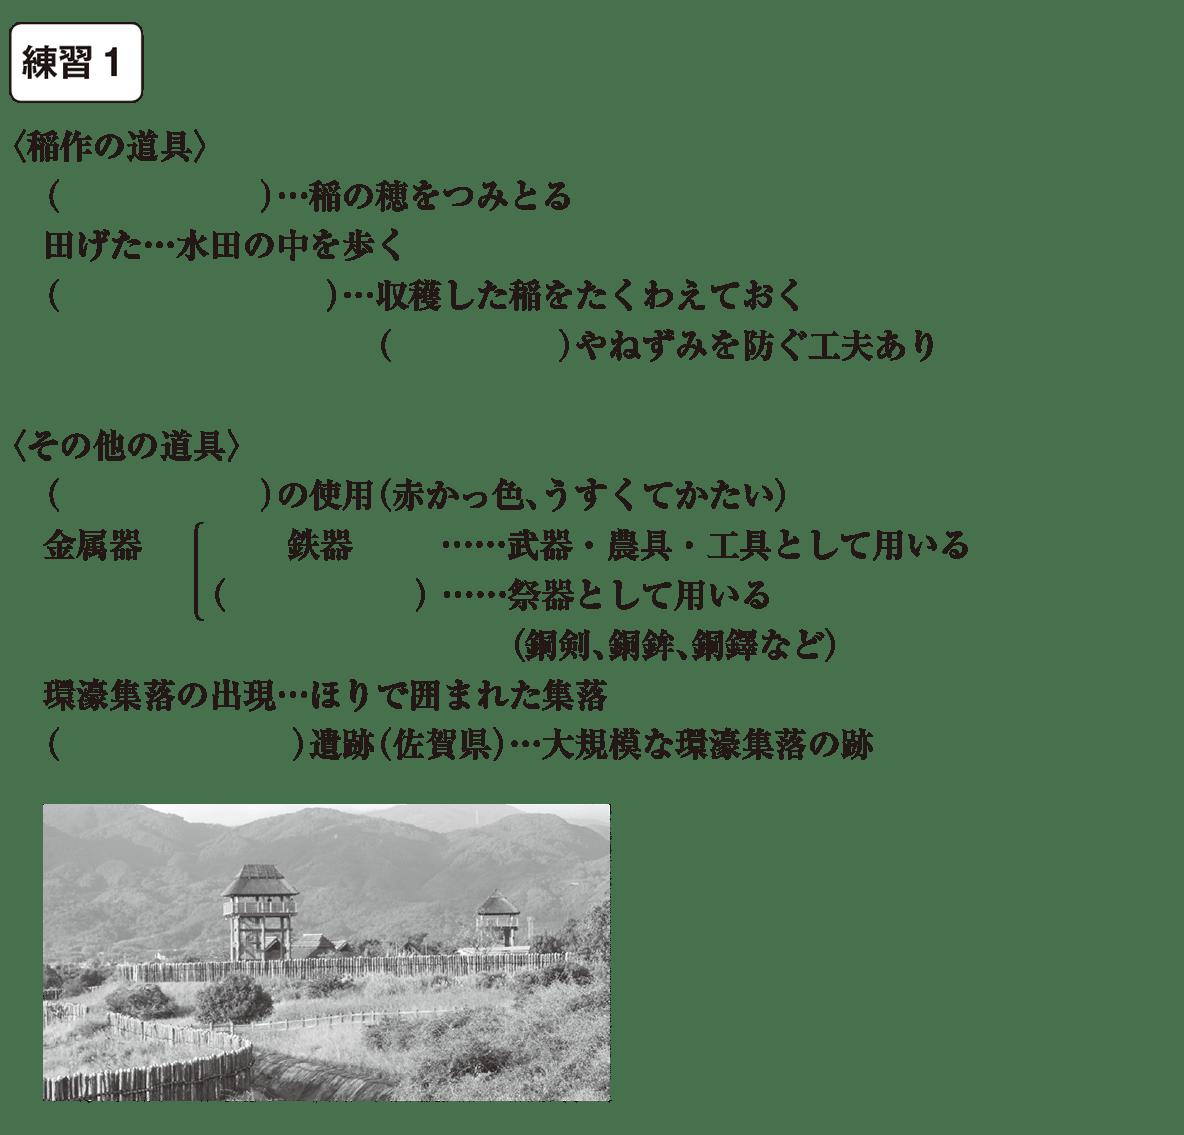 中学歴史5 練習1 カッコ空欄